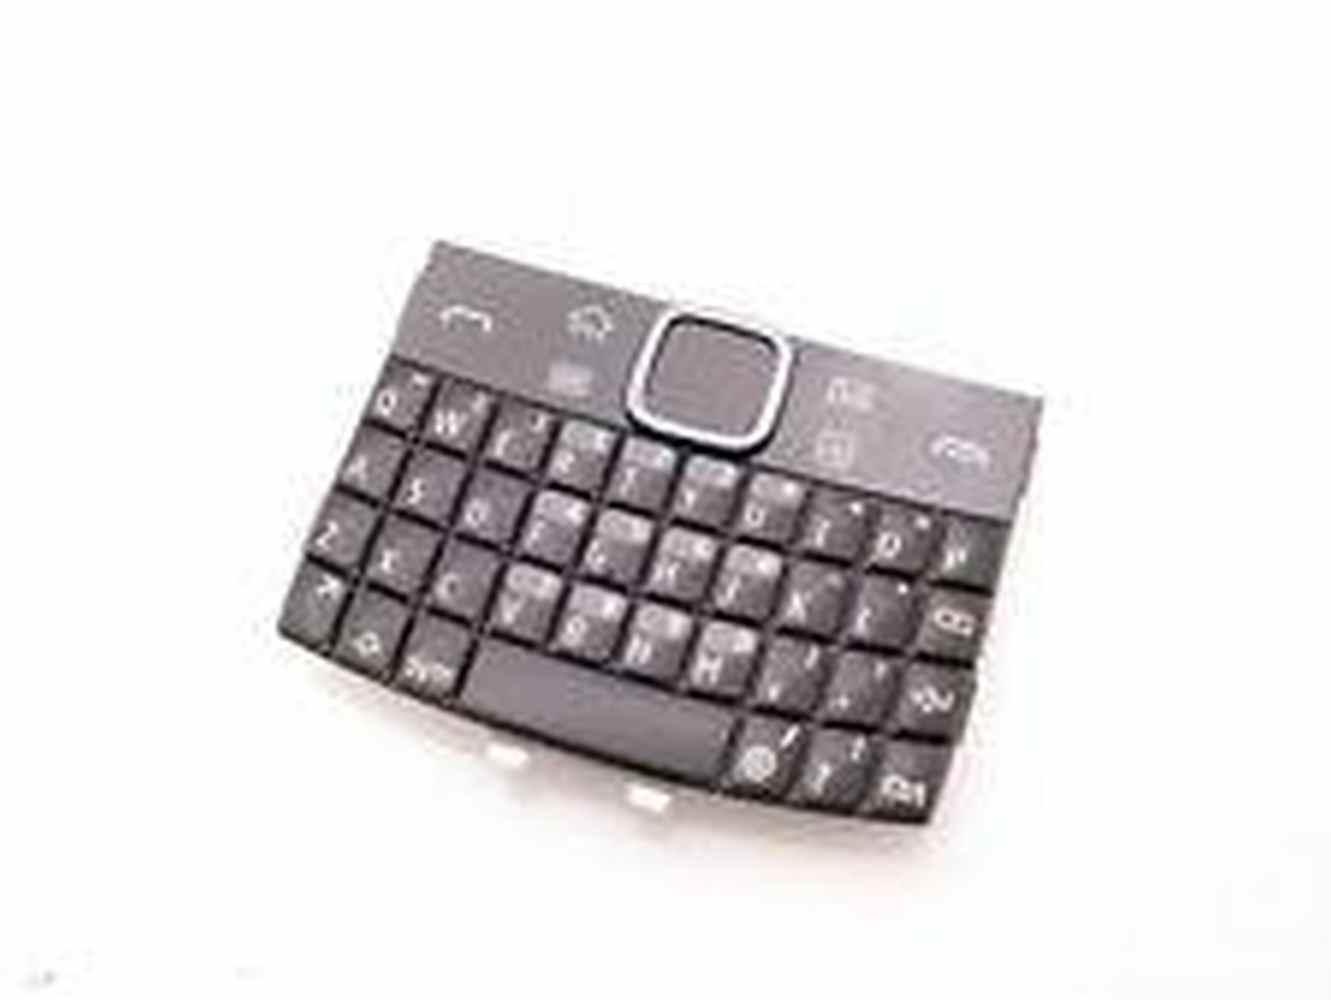 Keypad For Nokia E6  Dark Gray and Black